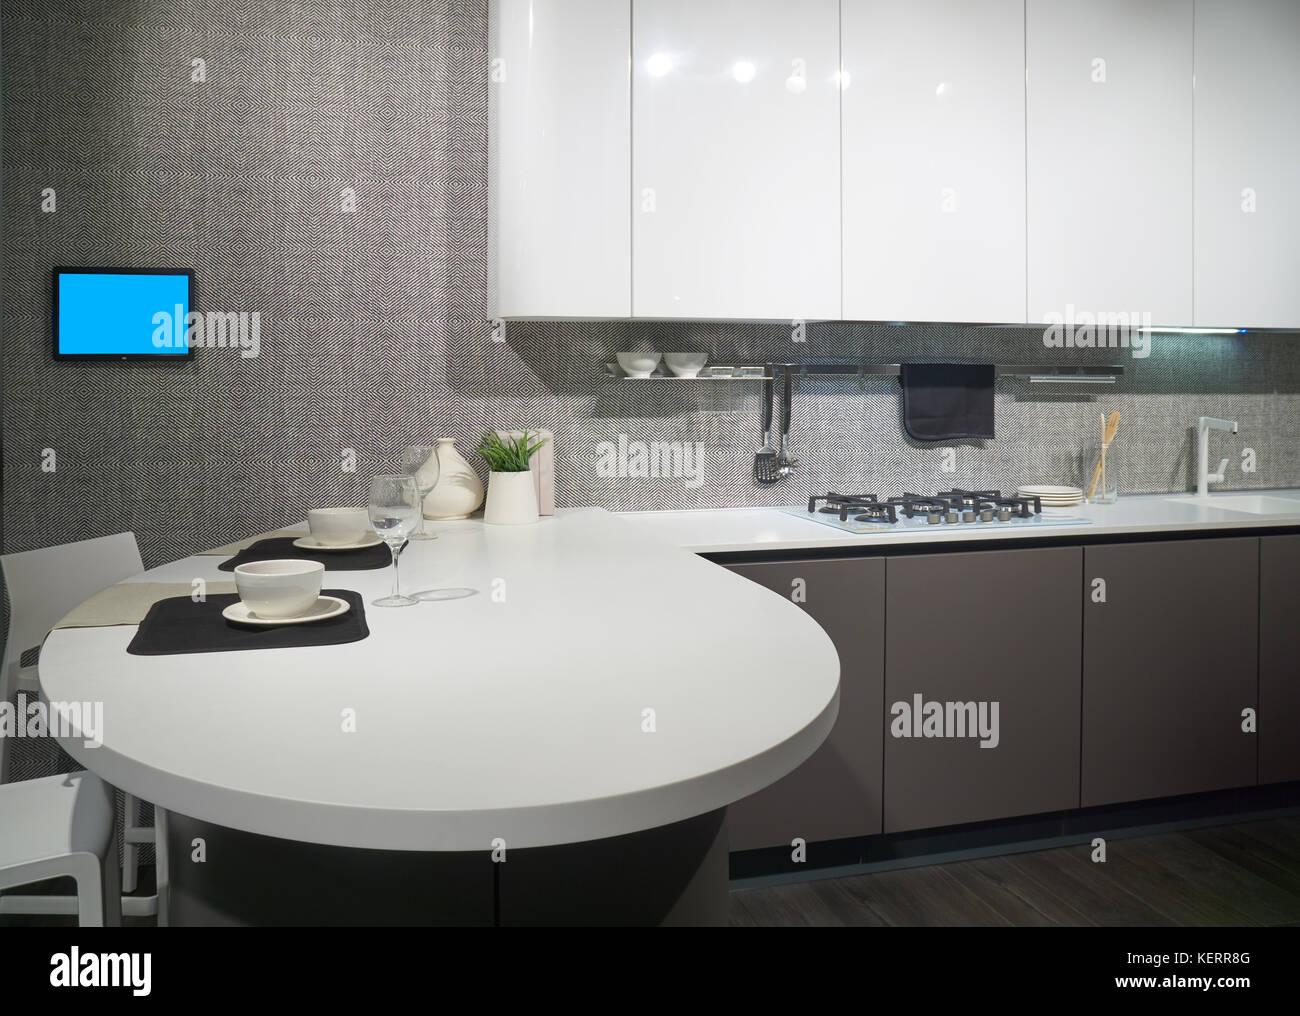 Cucine Moderne Con Isola Rotonda.Interno Della Cucina Moderna Con Tavola Rotonda E Fornello A